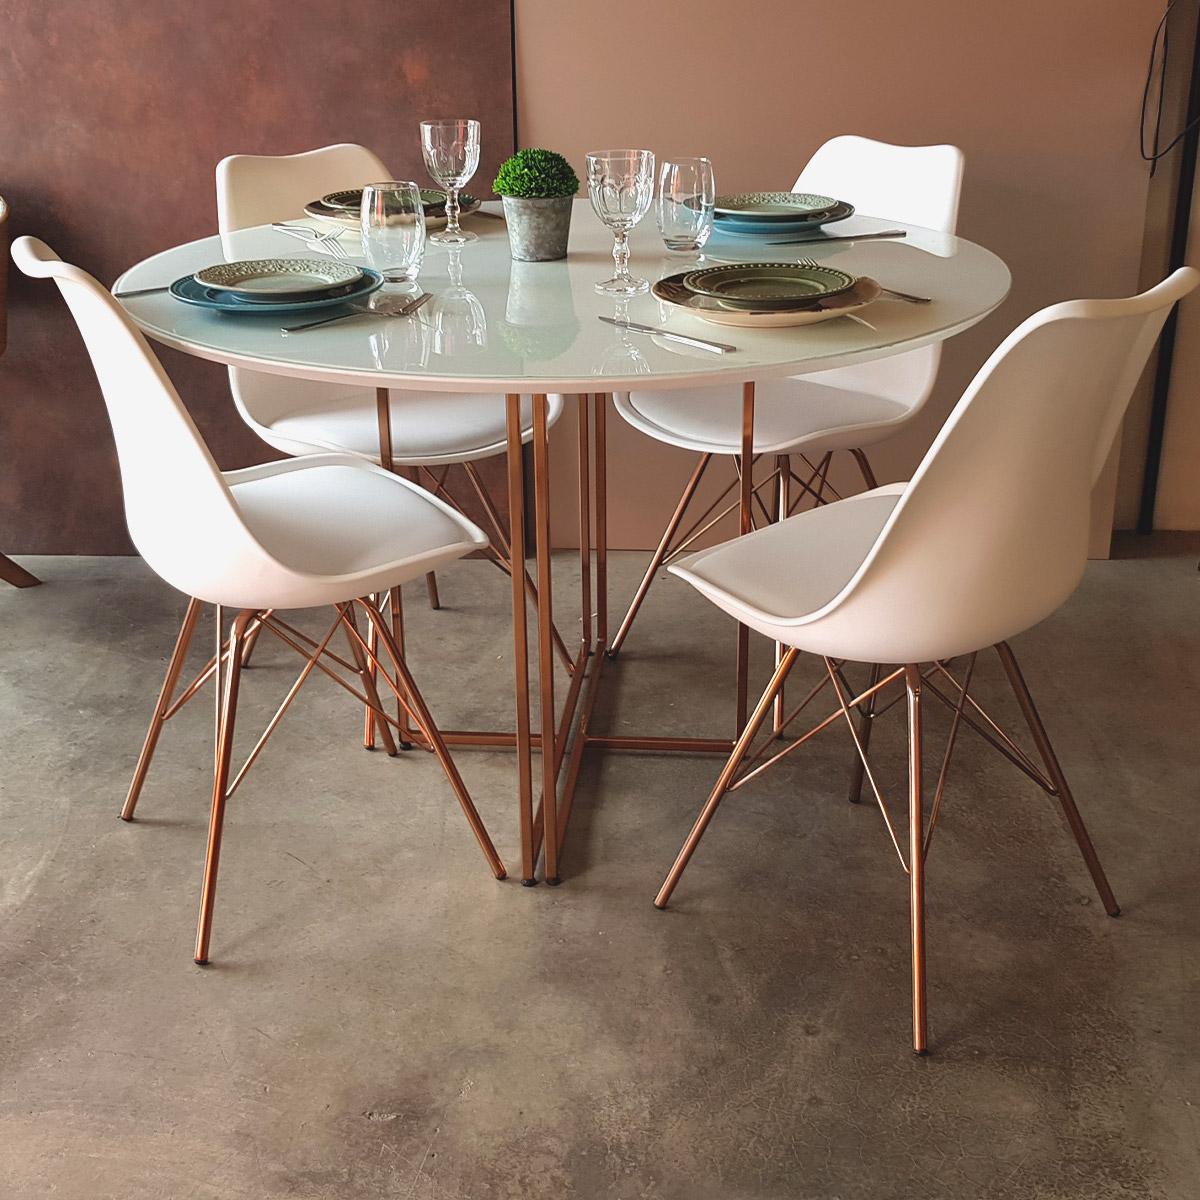 Jogo de Mesa de Jantar New Elegance Acobreado com 4 Cadeiras Leda Tower